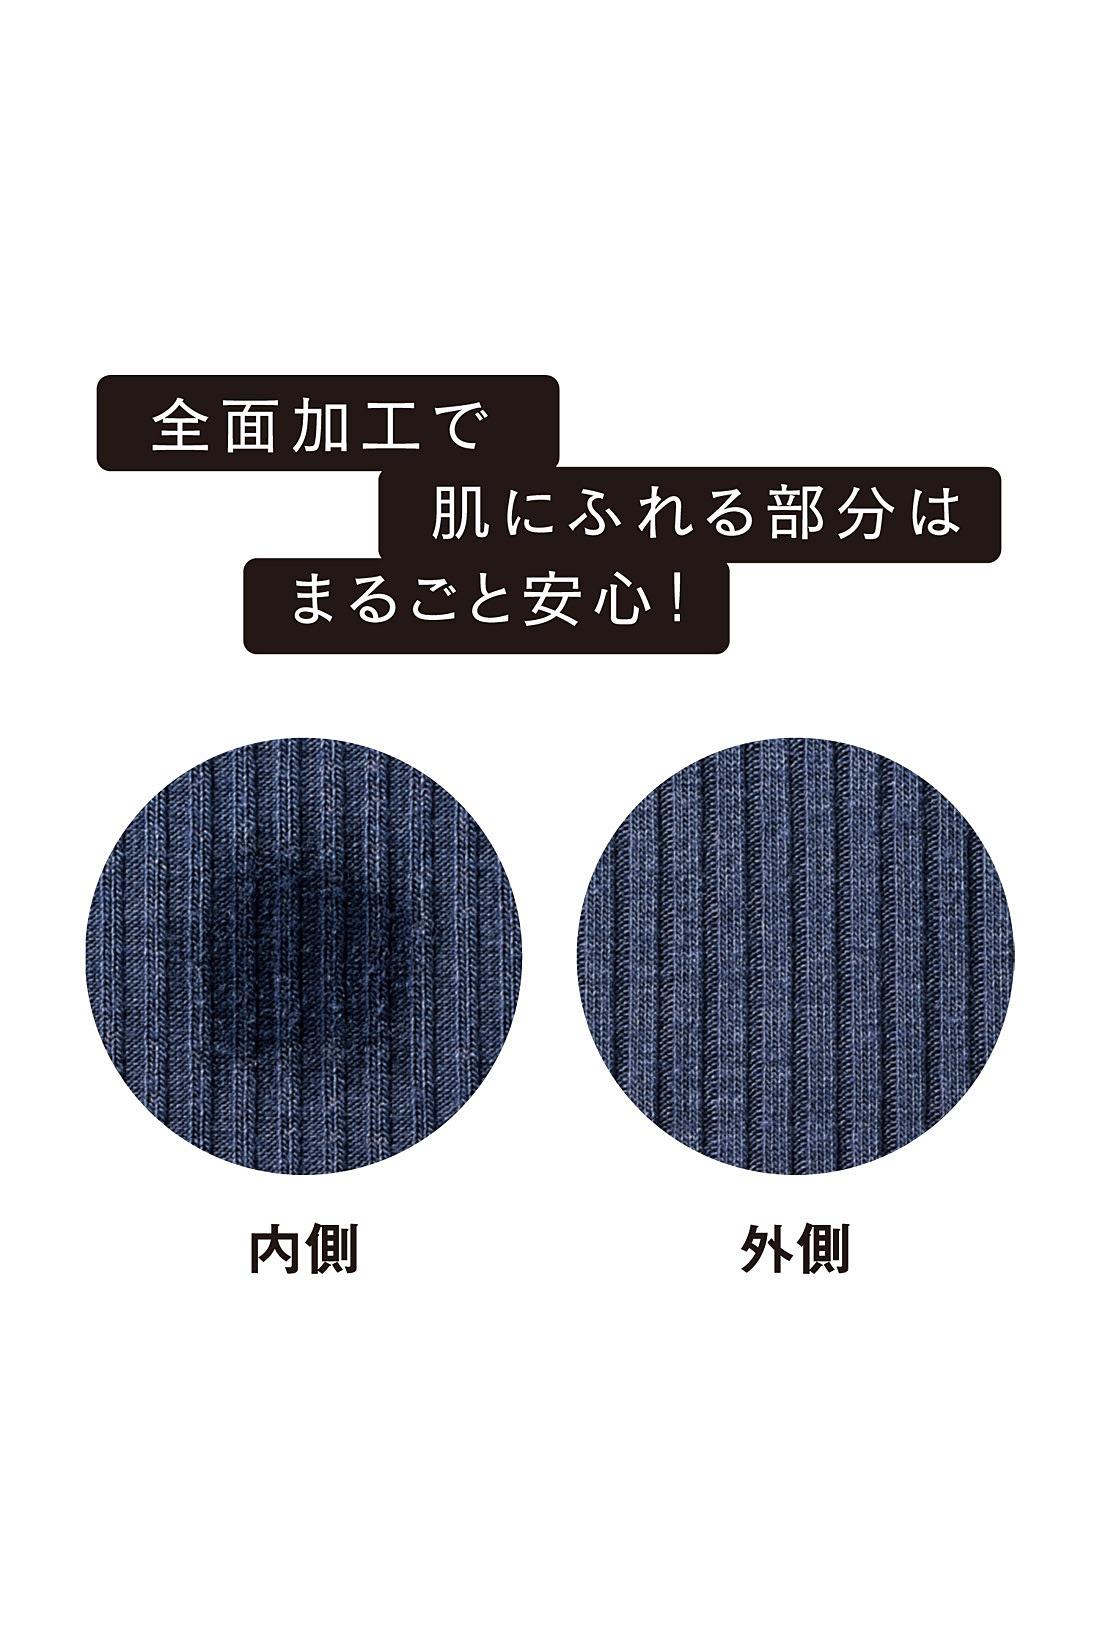 内側に汗をかいても……表に汗がひびきにくいから好印象。※お届けするカラーとは異なります。